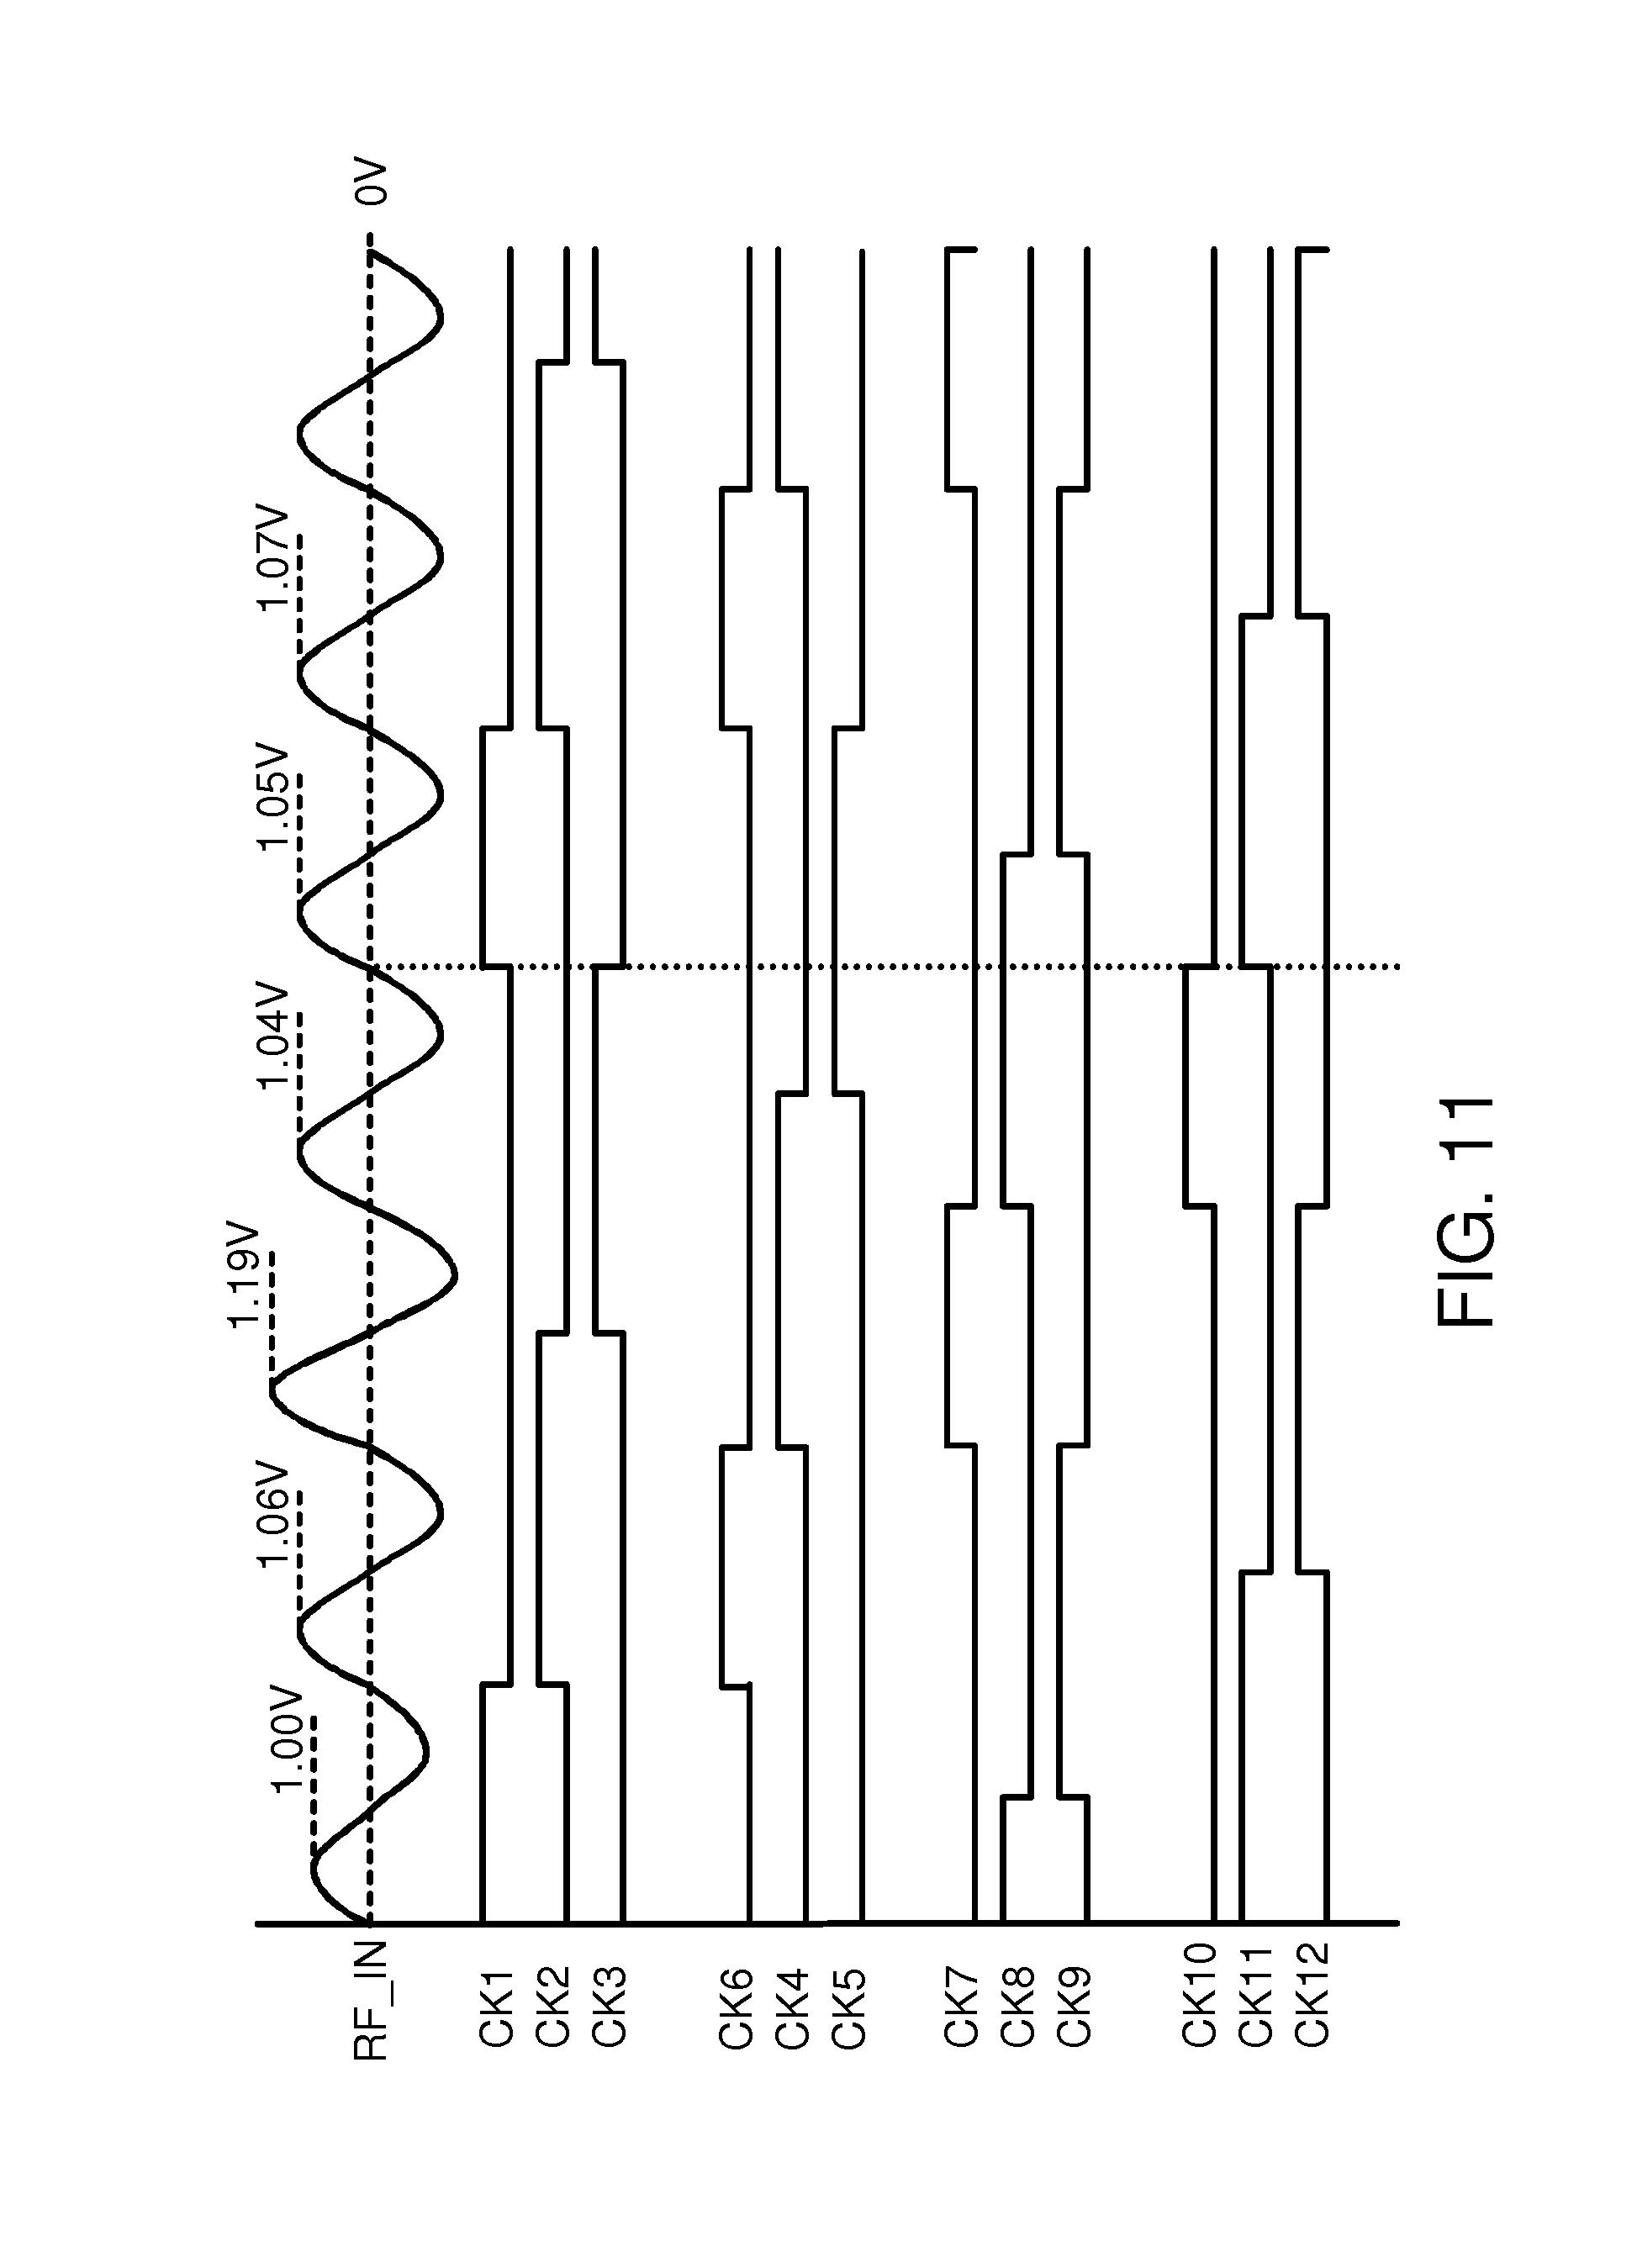 patent us8711982